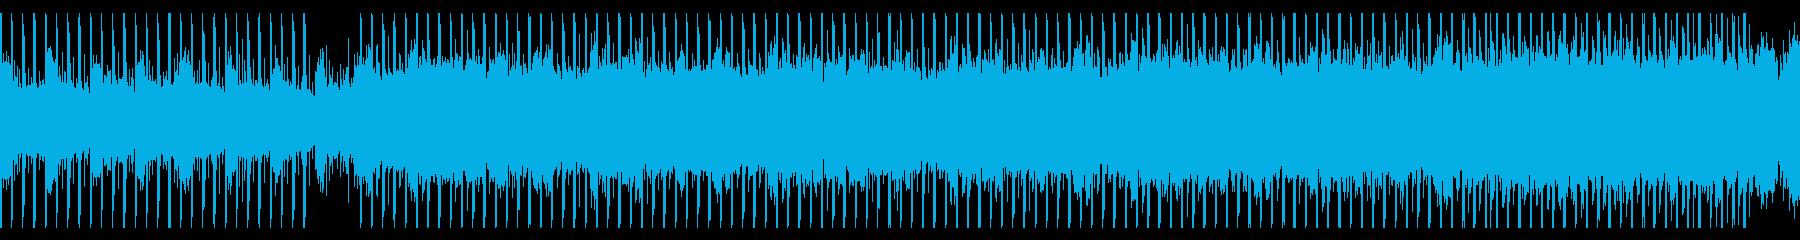 企業の明るい場合(ループ)の再生済みの波形